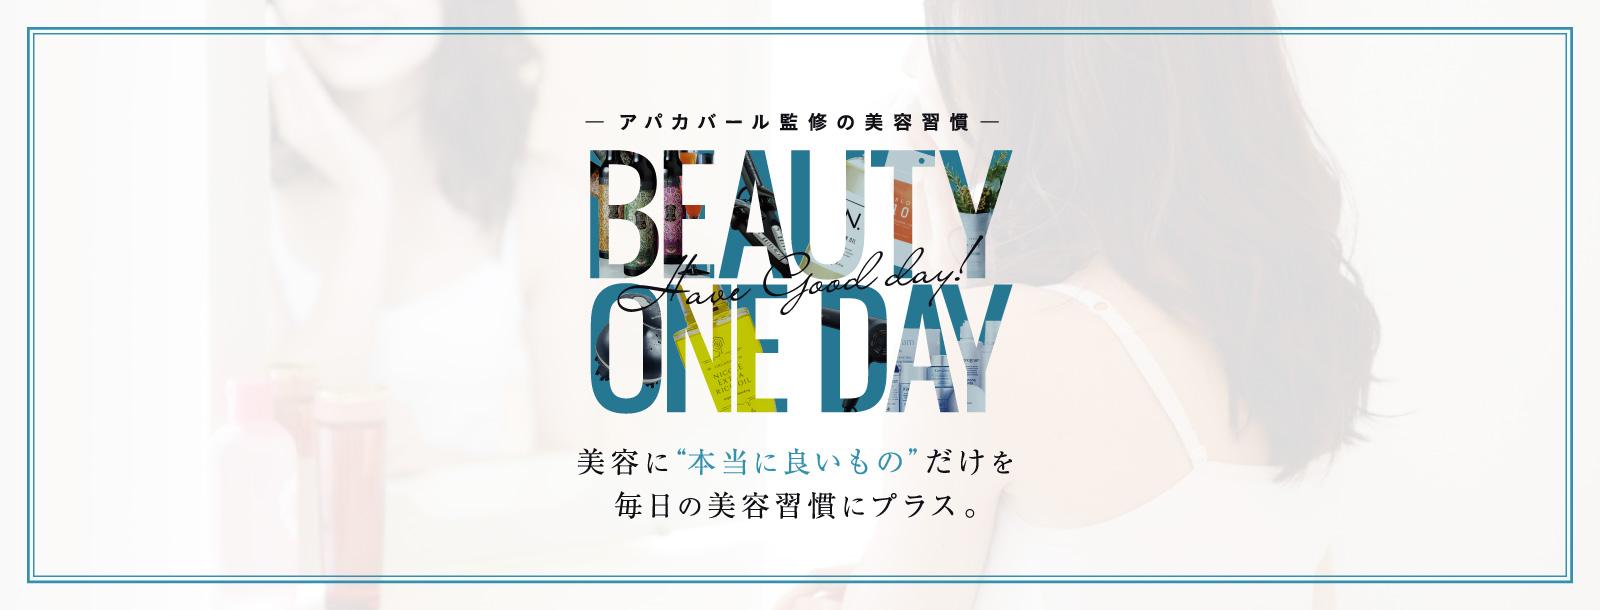 アパカバール監修の美容習慣 BEAUTY ONE DAY 美容に本当に良いものだけを毎日の美容習慣にプラス。